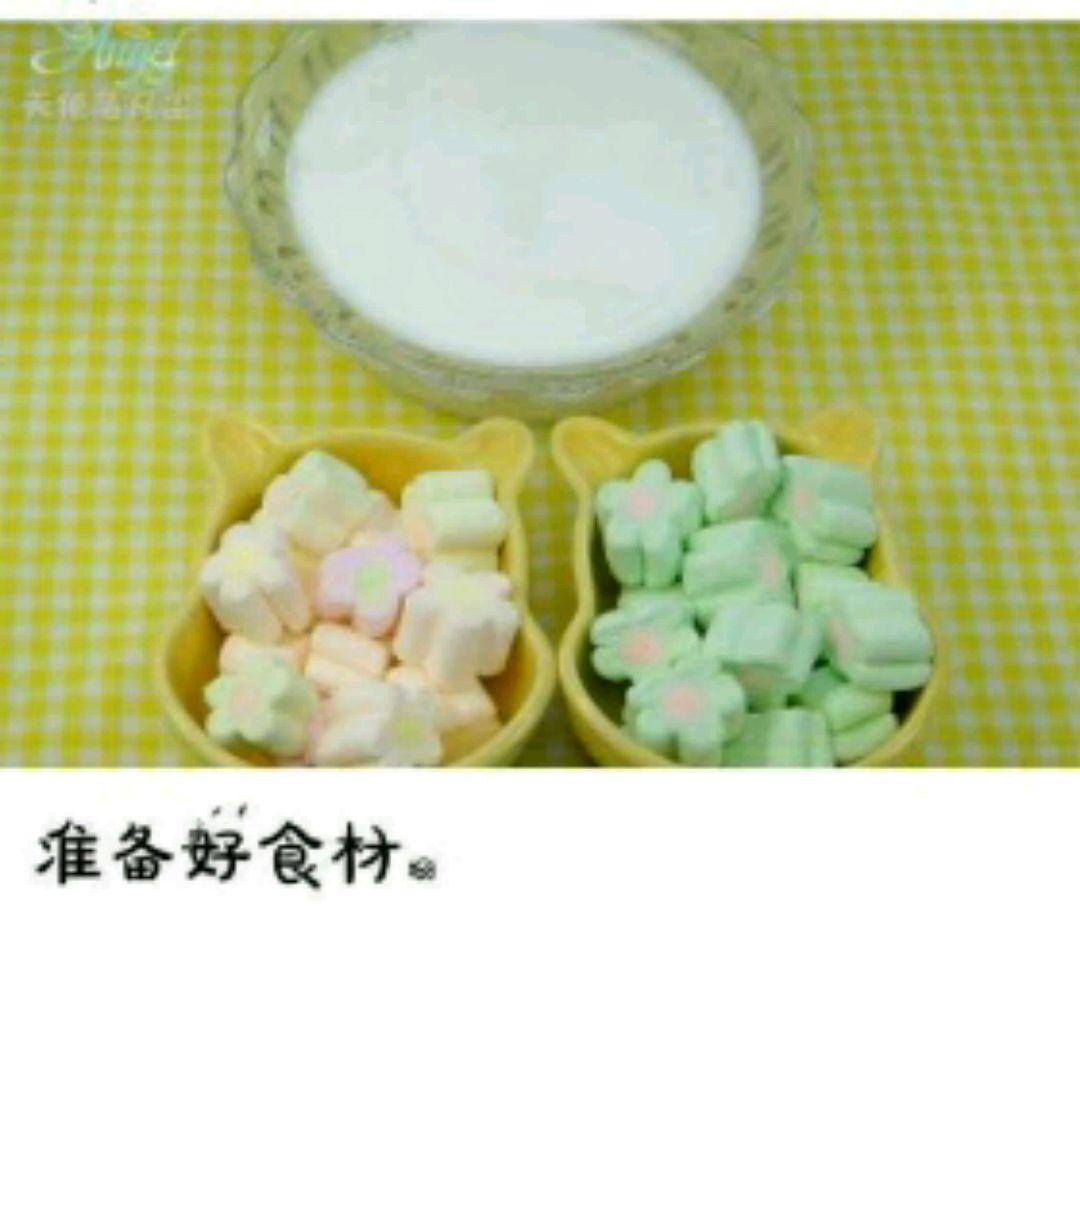 棉花糖制作冰激凌的做法步骤